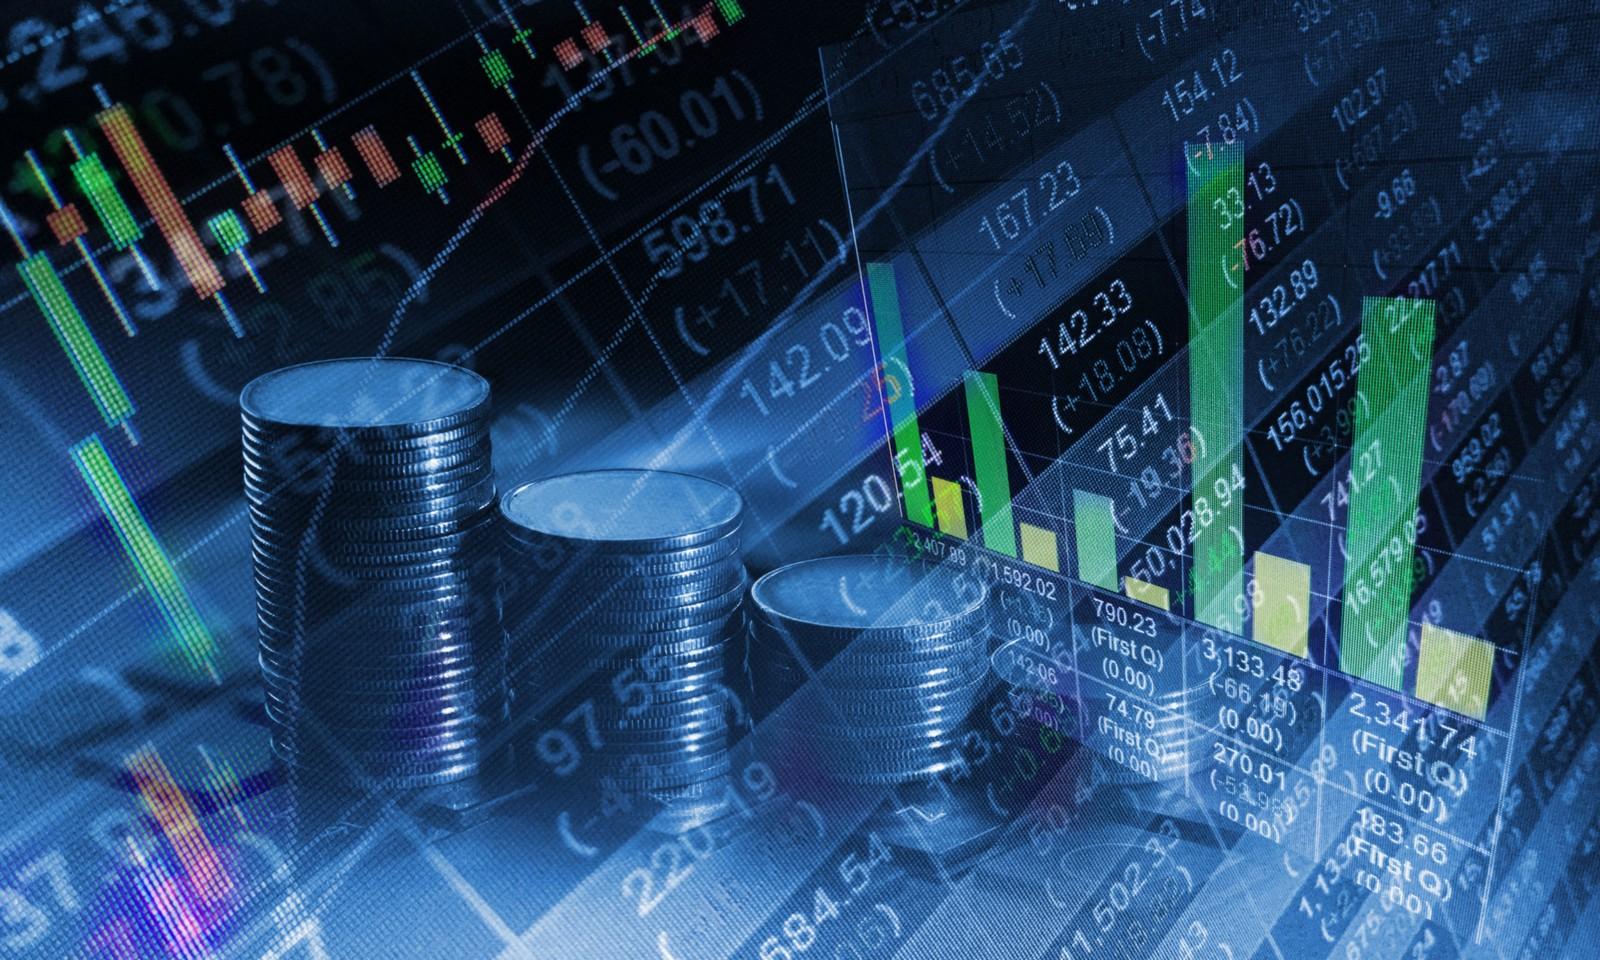 análise bitcoin